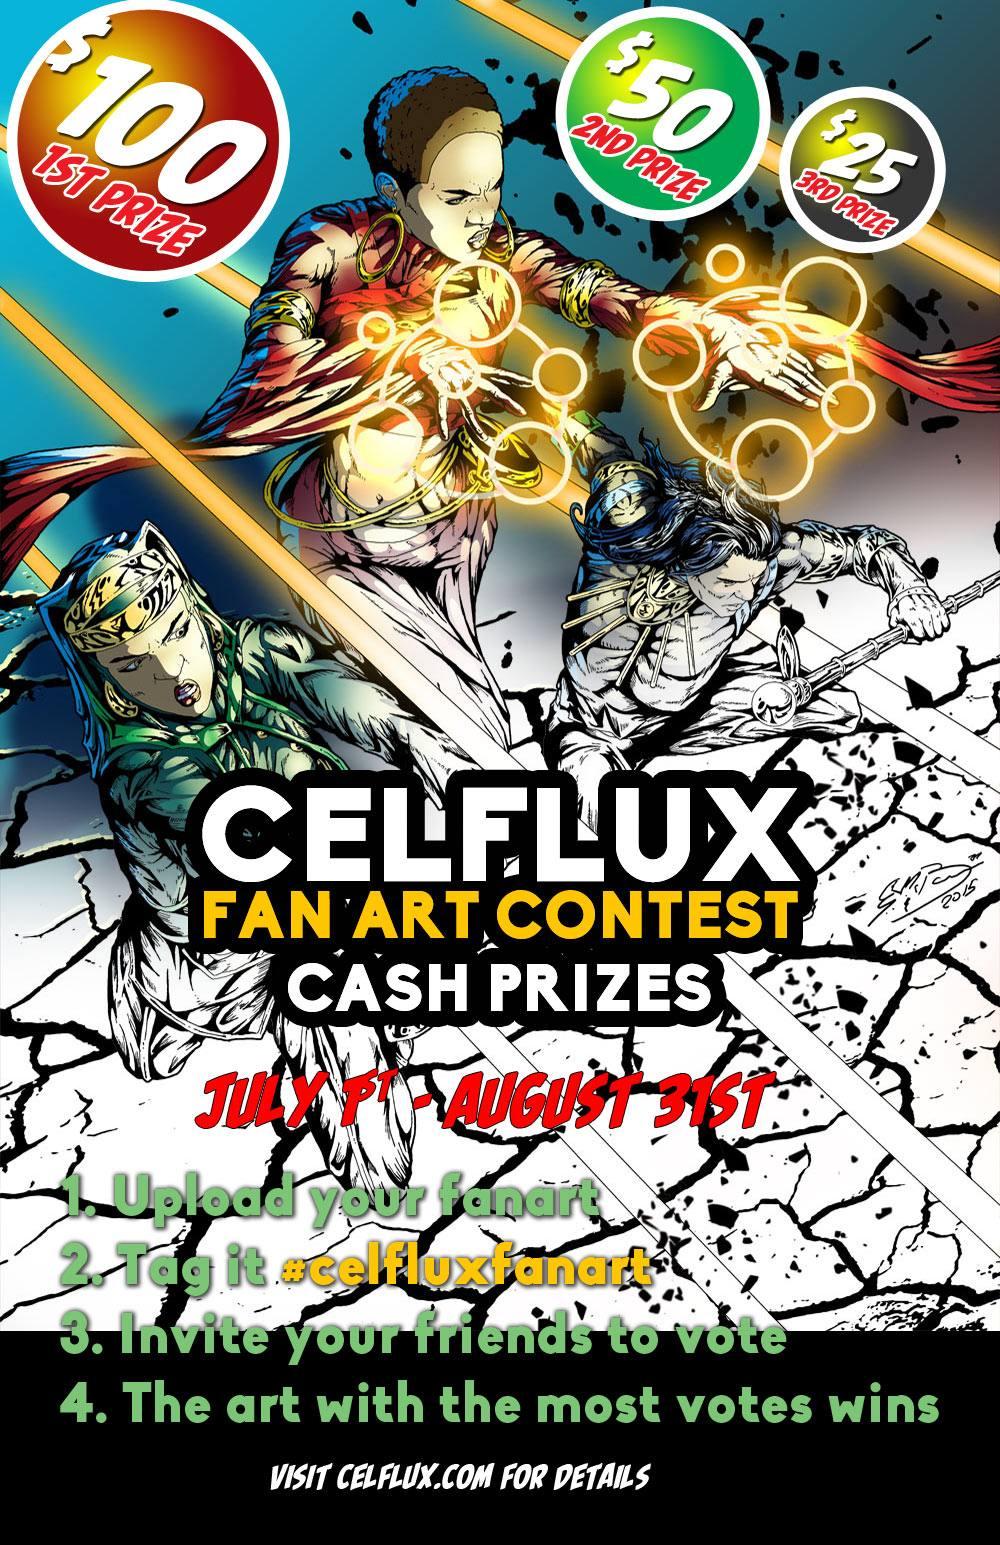 Celflux Fan Art Contest